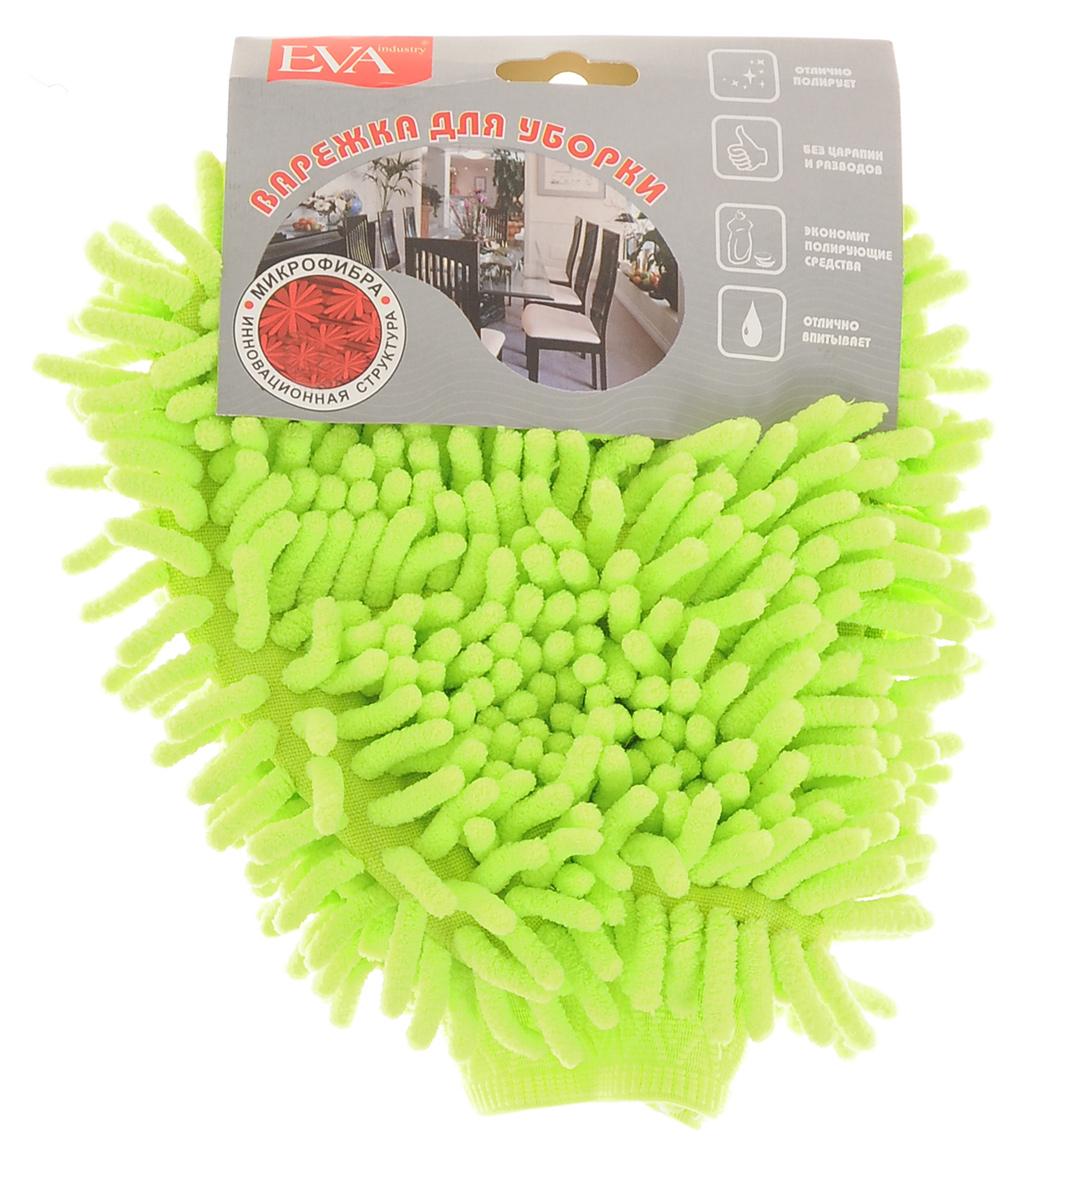 Рукавица для уборки Eva Спагетти, двусторонняя, цвет: салатовый, 22 х 16 смЕ74_салатовыйДвусторонняя рукавица Eva Спагетти, изготовленная из микрофибры (полиэстера, полиамида), легко удаляет пыль, деликатно моет поверхности, мягко удаляет сильные загрязнения, применяется как в сухом, так и во влажном виде. Рукавица удобно держится на руке и великолепно впитывает воду. Идеально подходит для уборки, как в доме, так и в автомобиле.